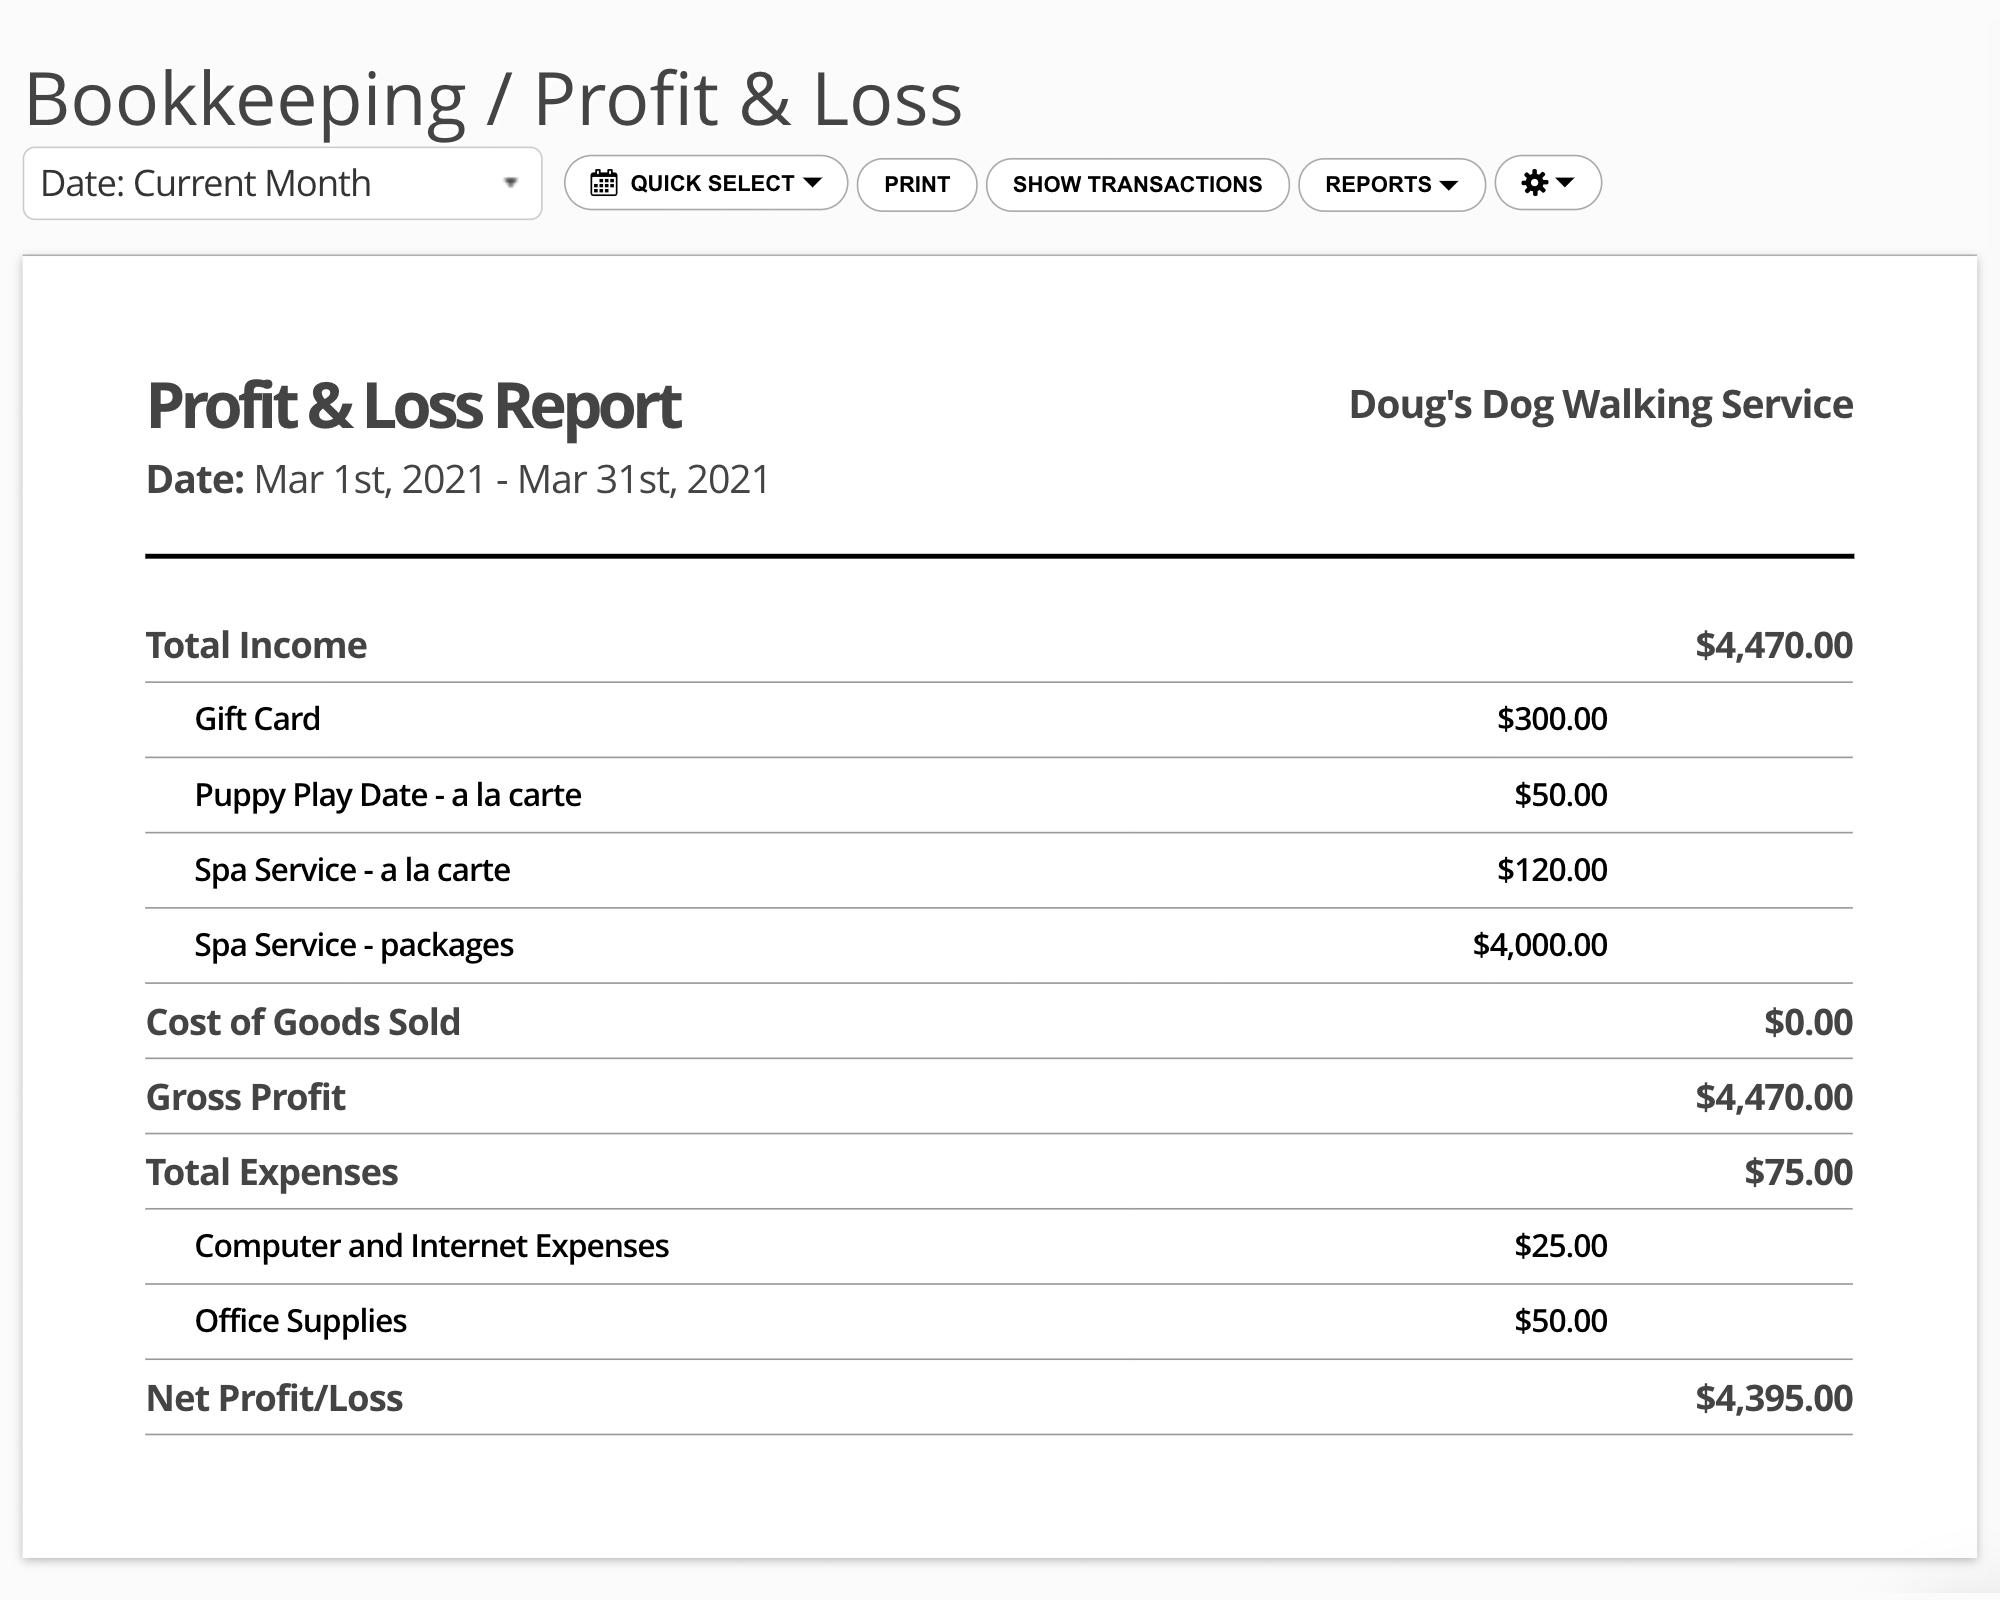 17hats Profit/Loss Report